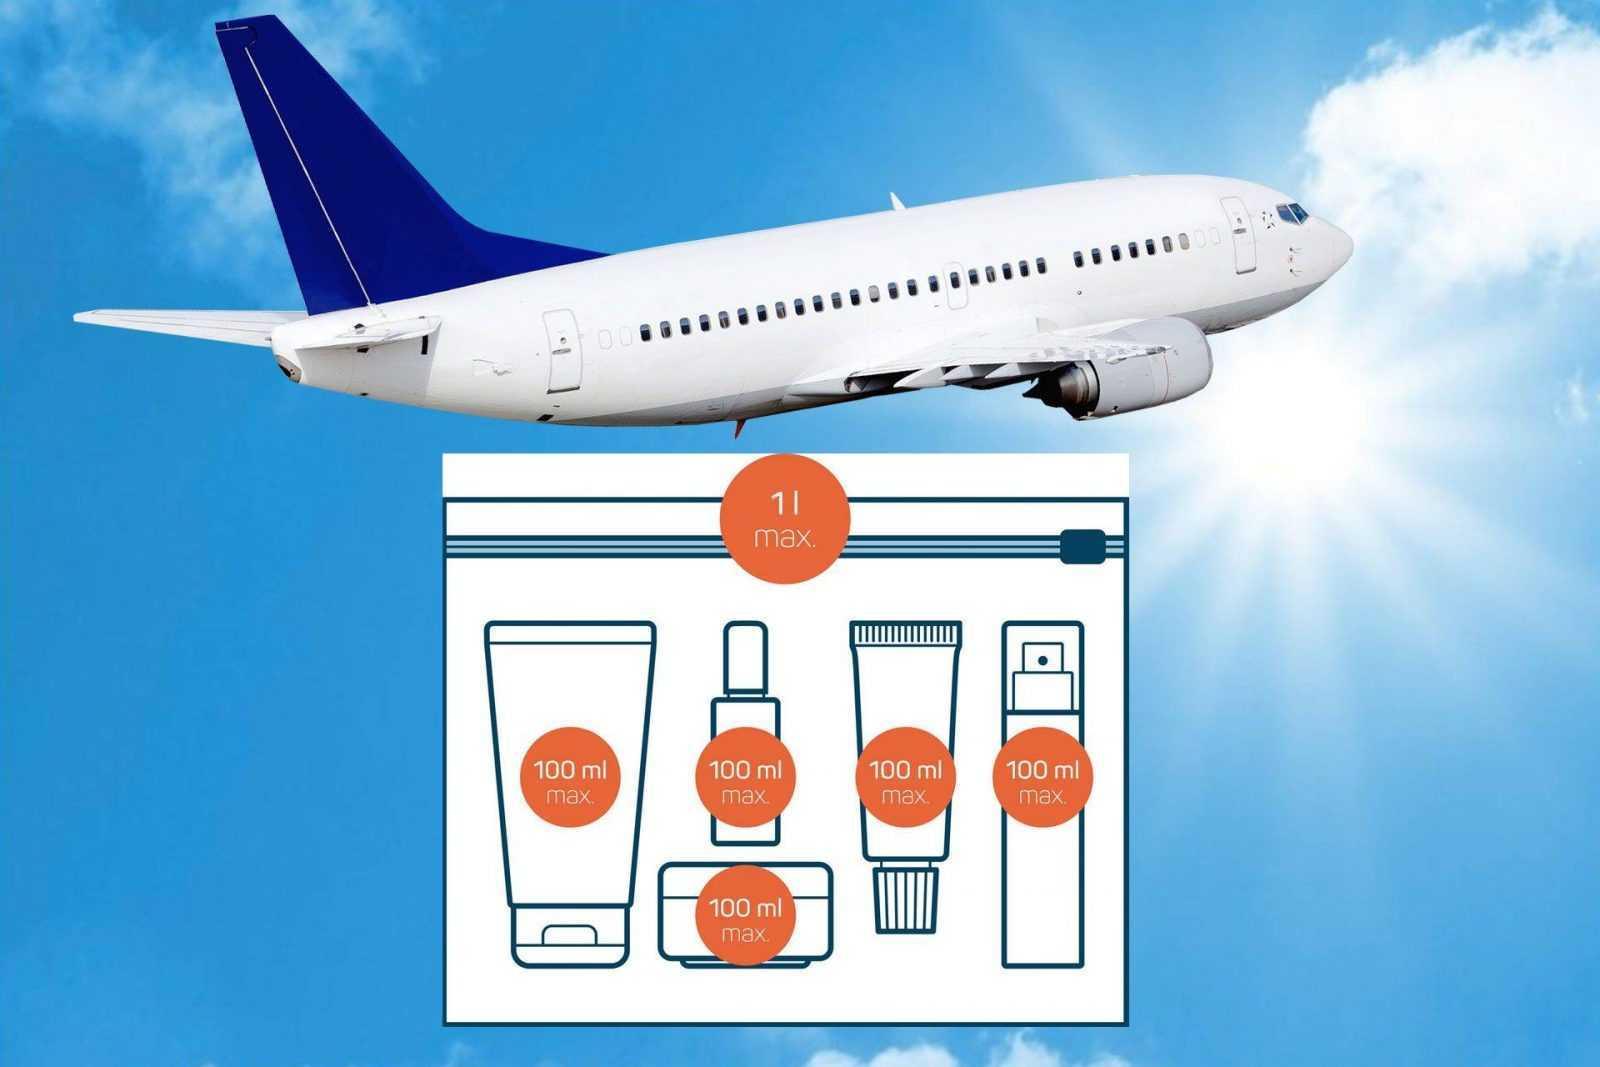 Migliori.io Top 10: I migliori contenitori per il trasporto di liquidi in aereo